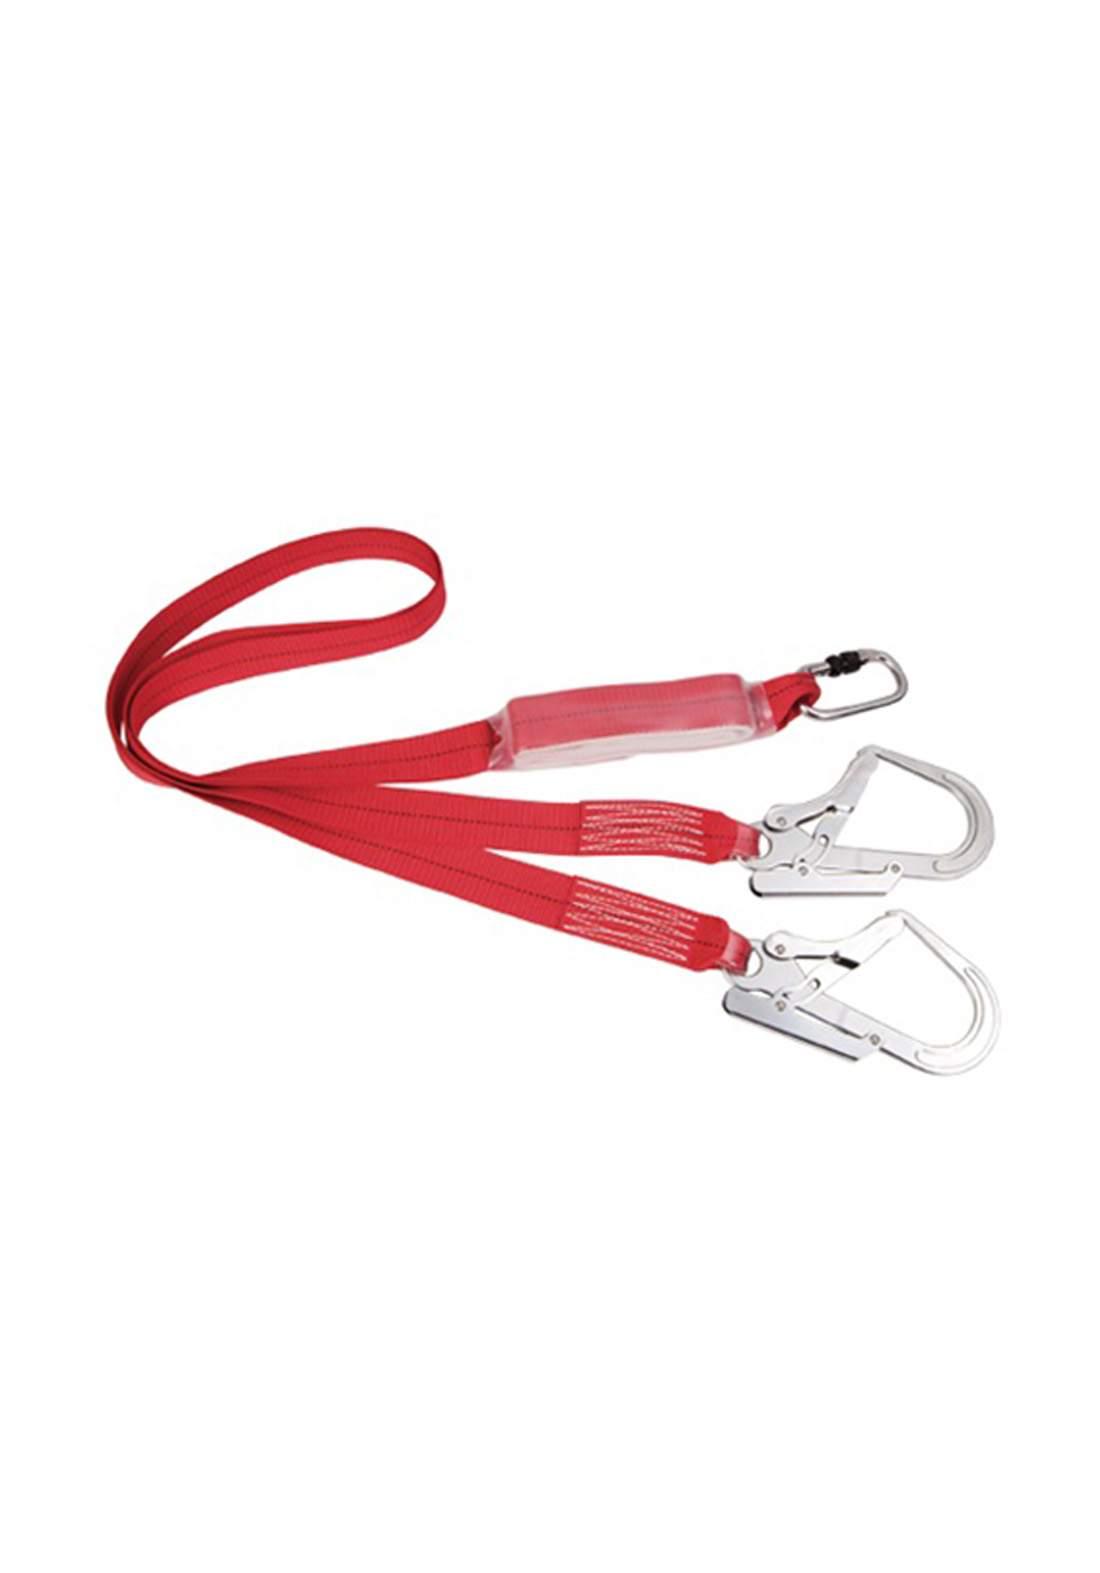 Subul AlHurra Safety Belt 5m حزام سلامة